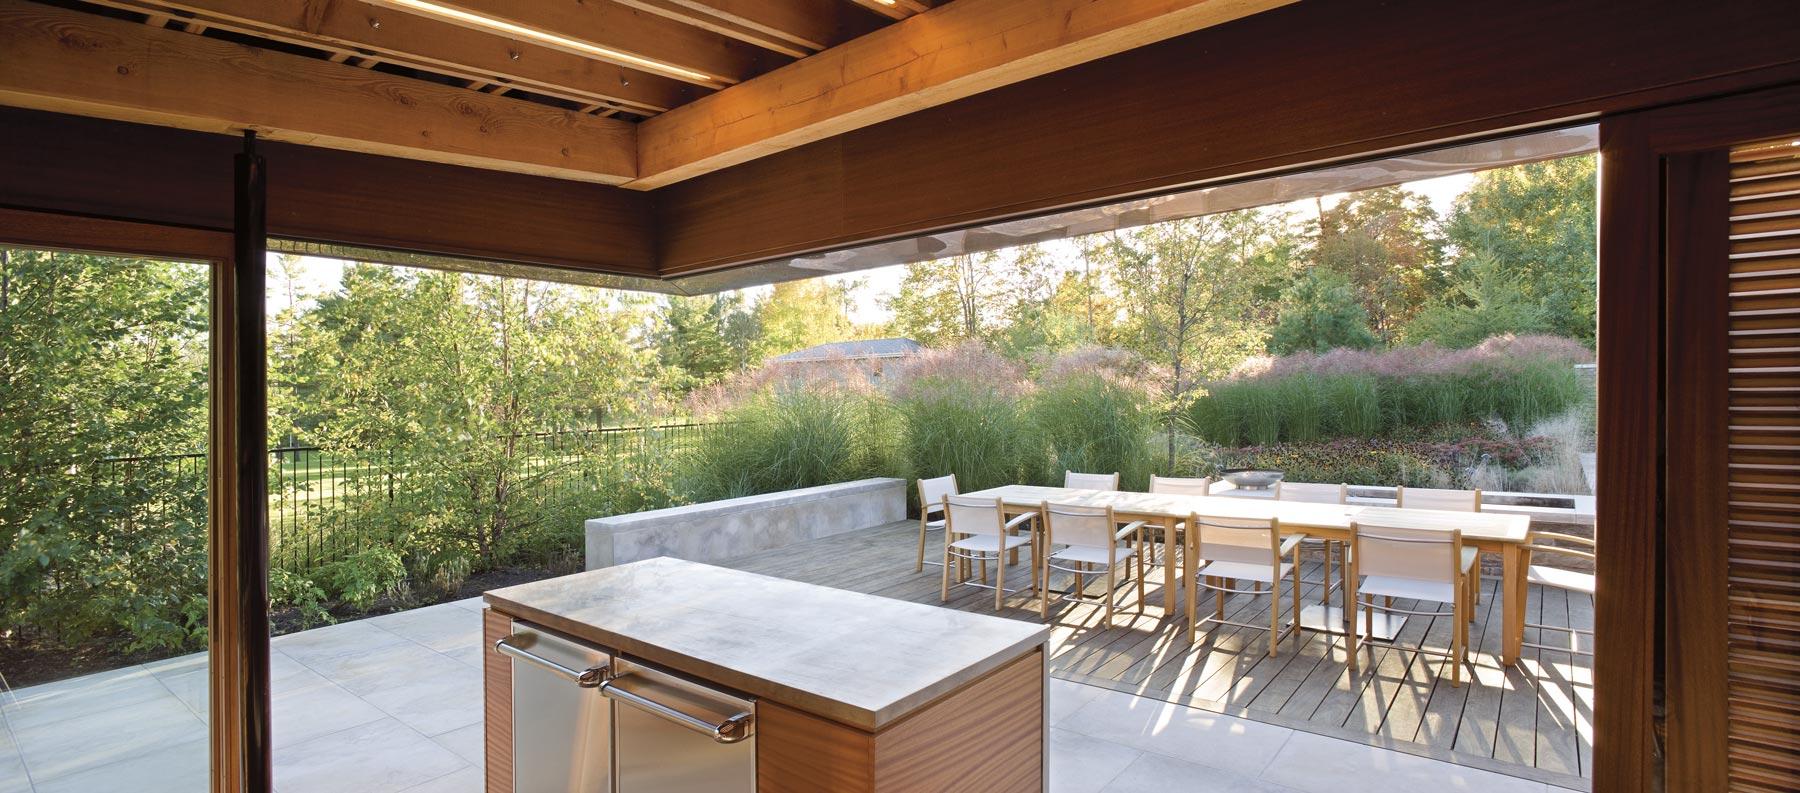 Kleinburg_Pool_Pavilion_5.jpg